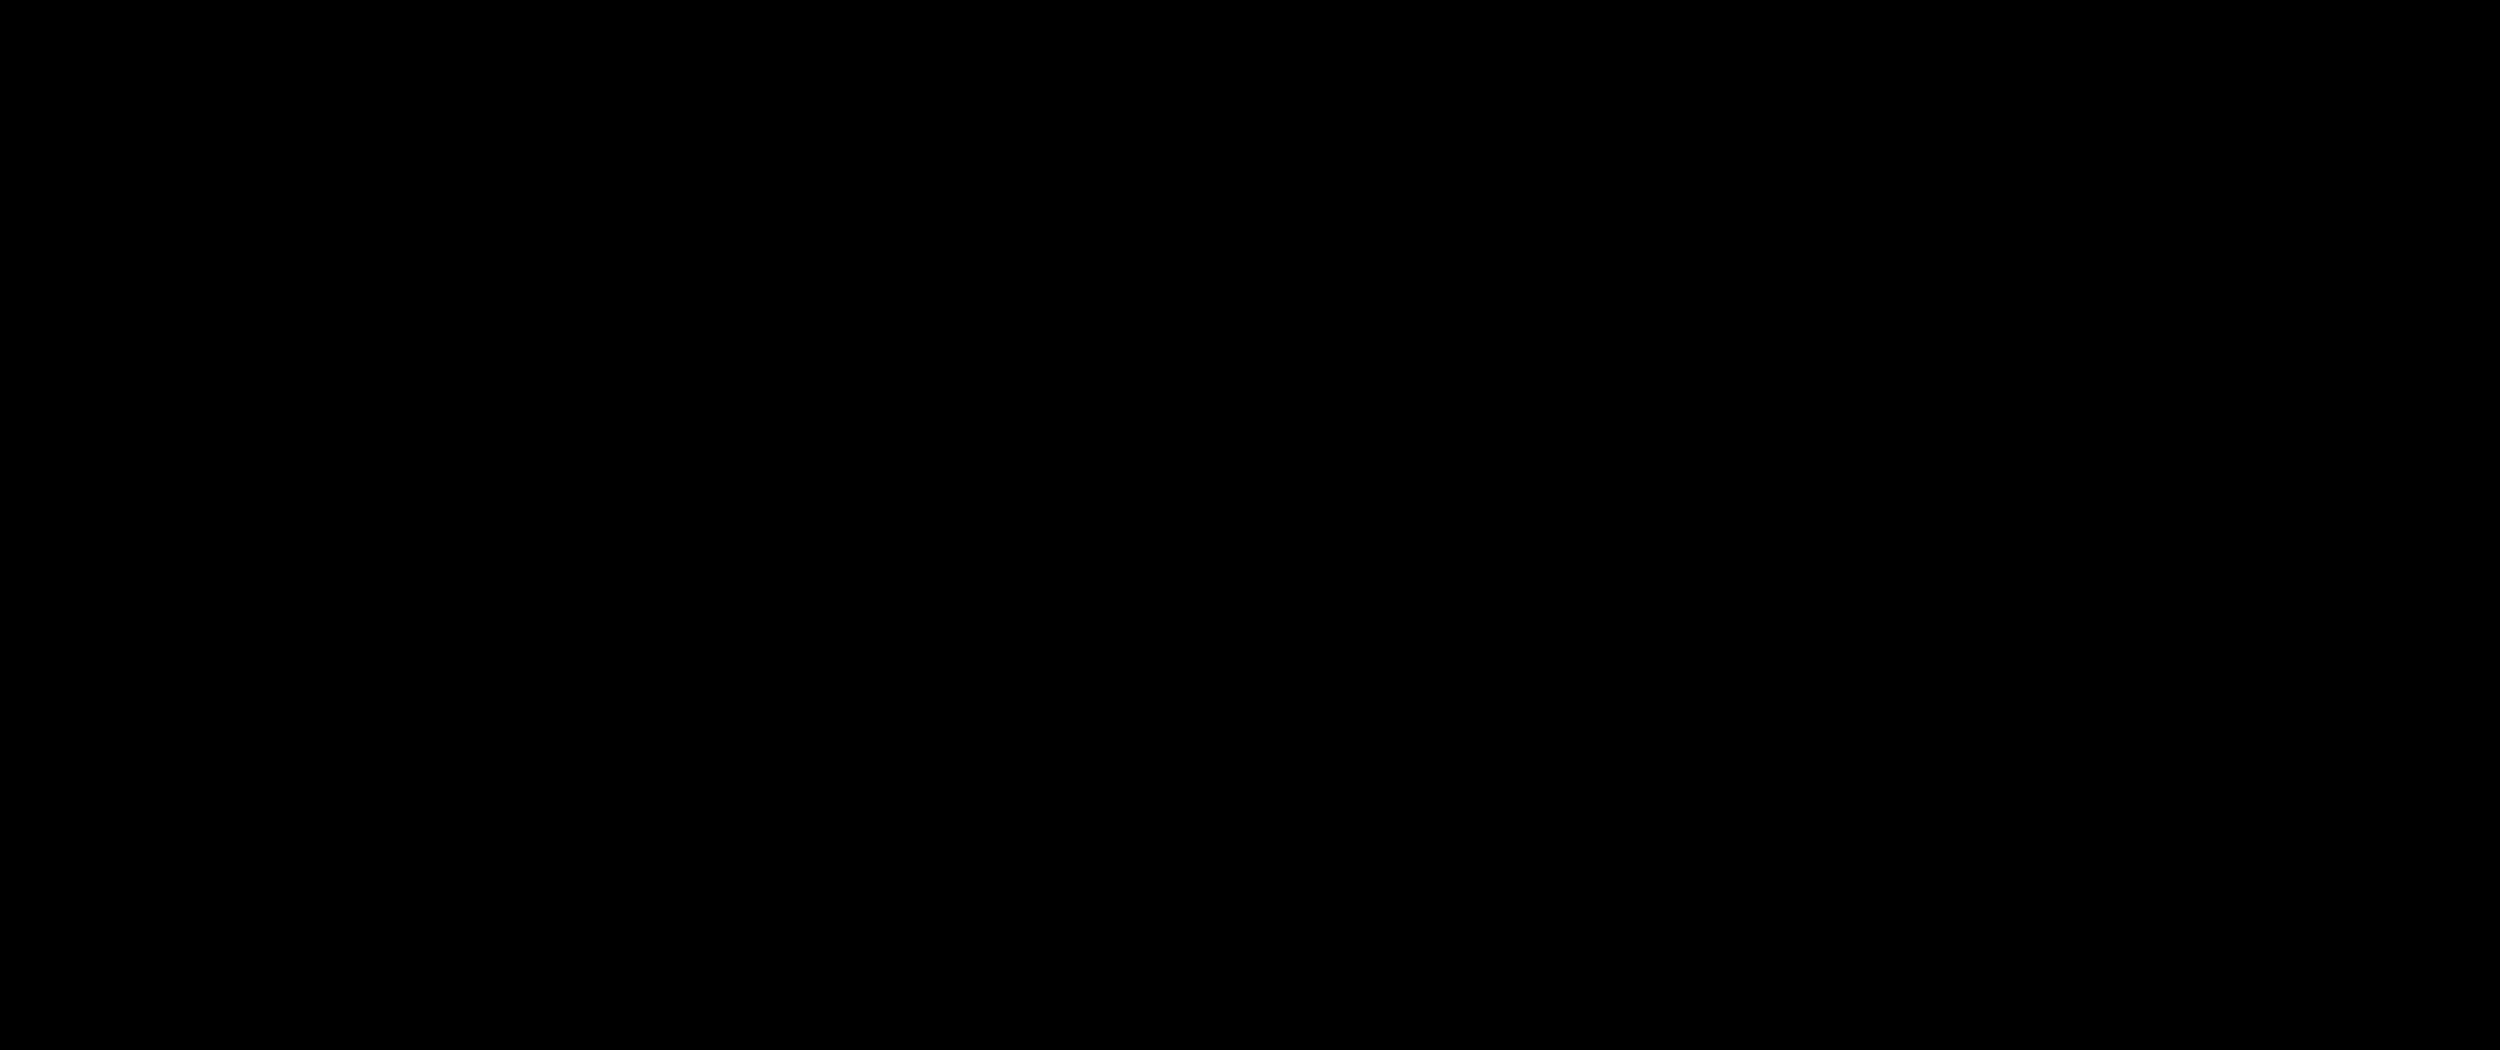 fondo-nero